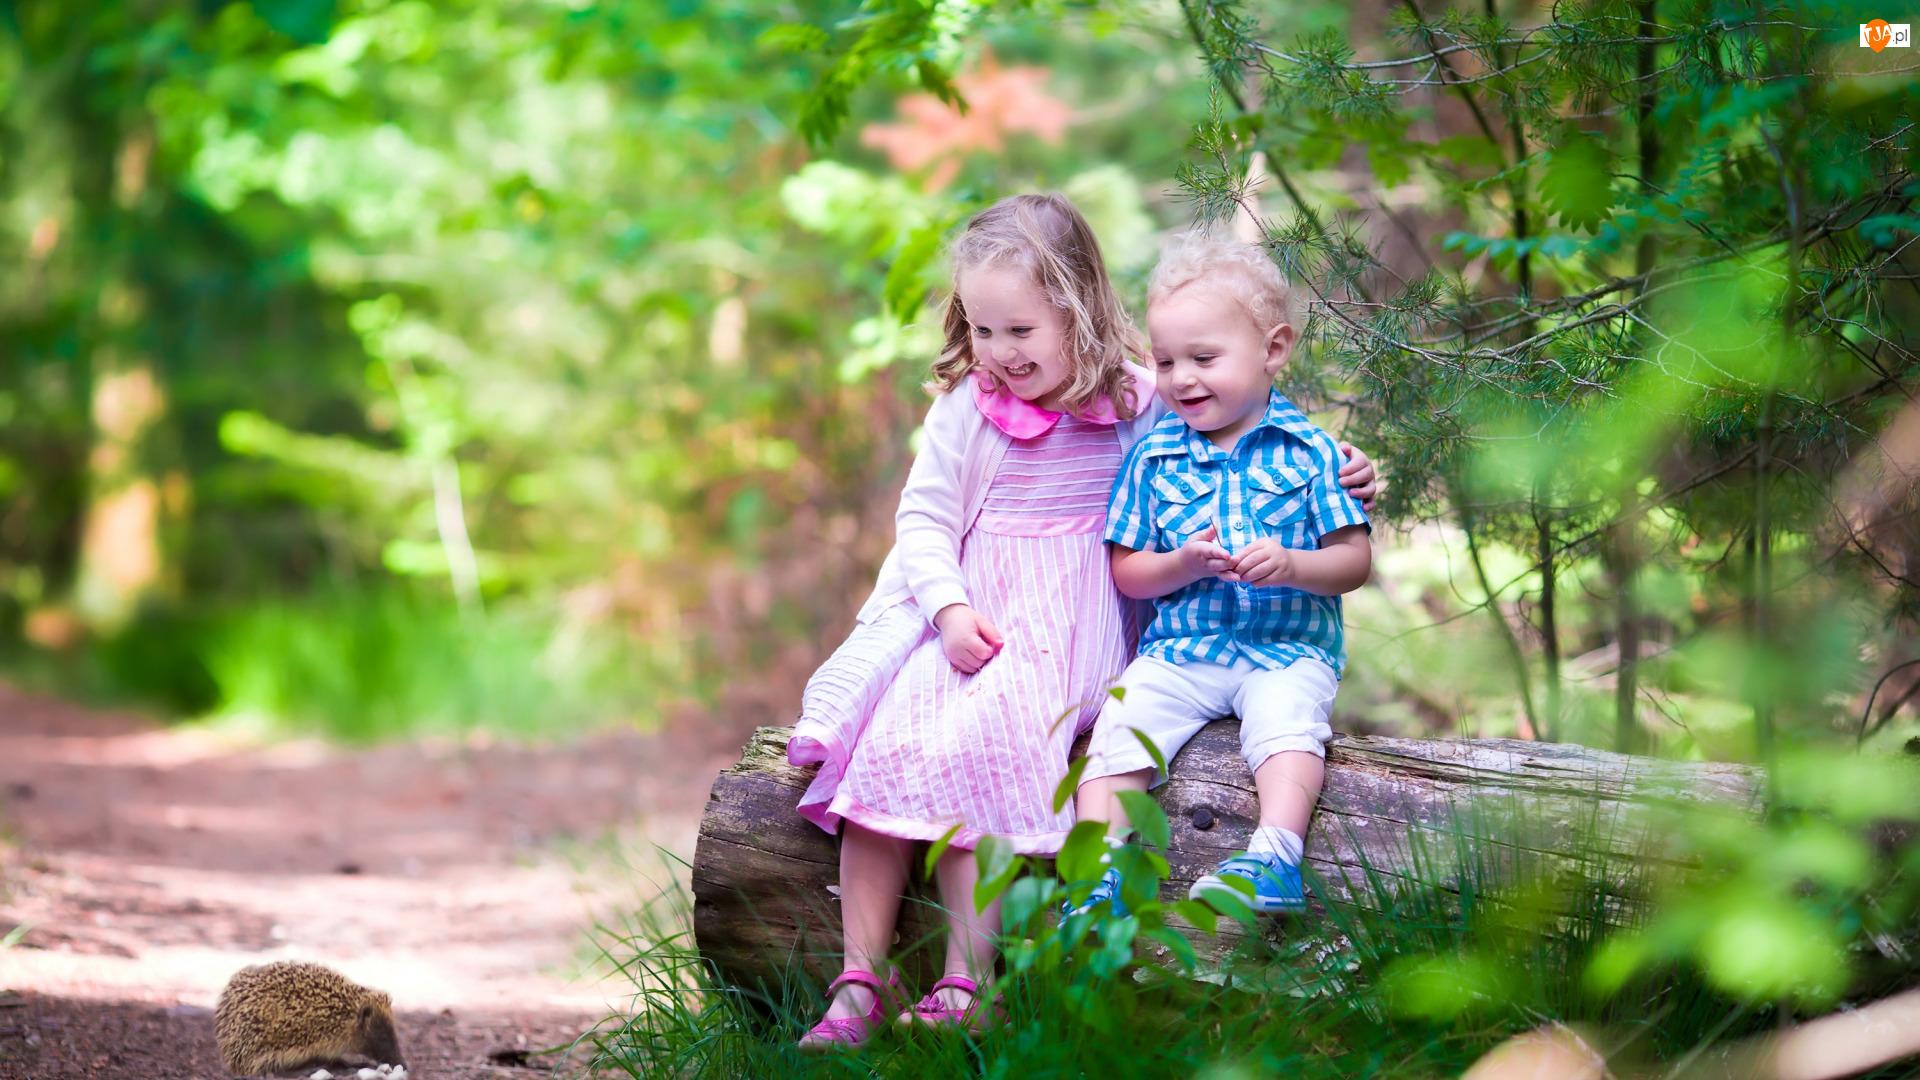 Dziewczynka, Dzieci, Uśmiech, Jeż, Chłopiec, Las